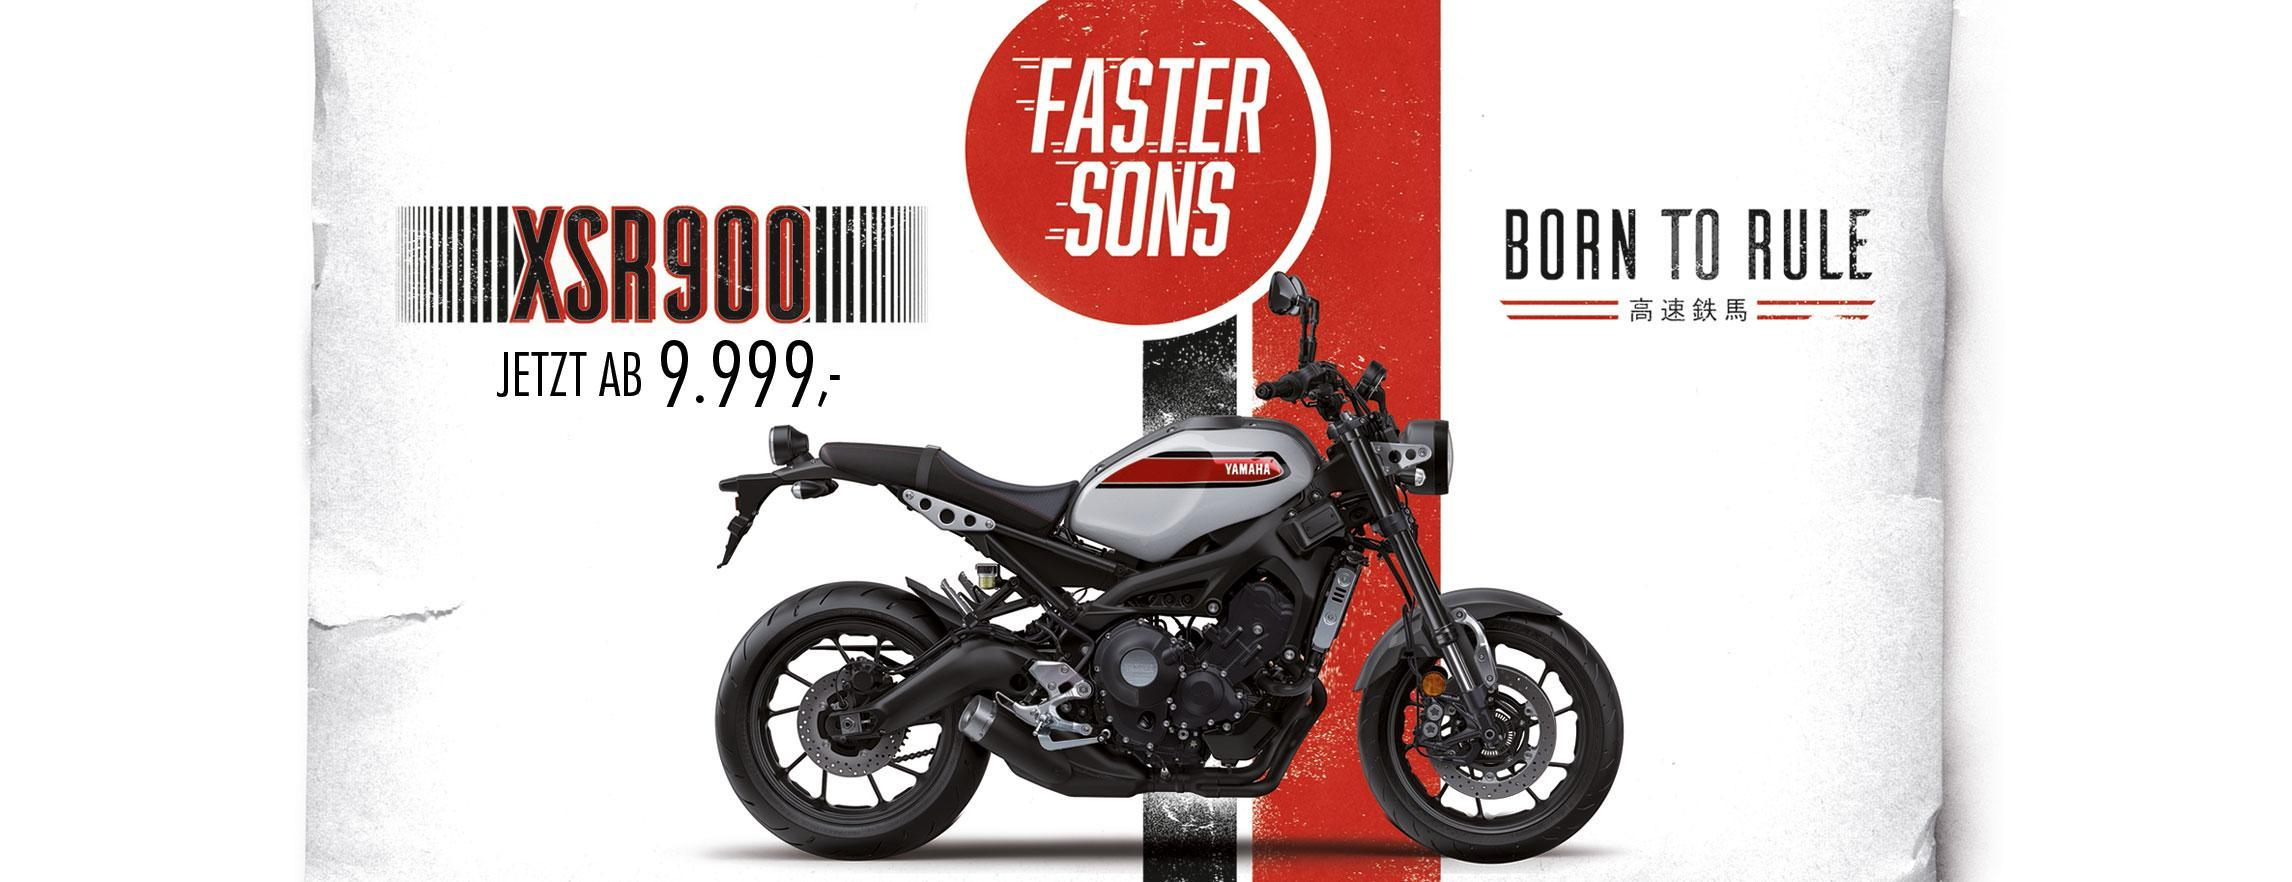 Yamaha XSR 900 Aktion Retro Naked Bike